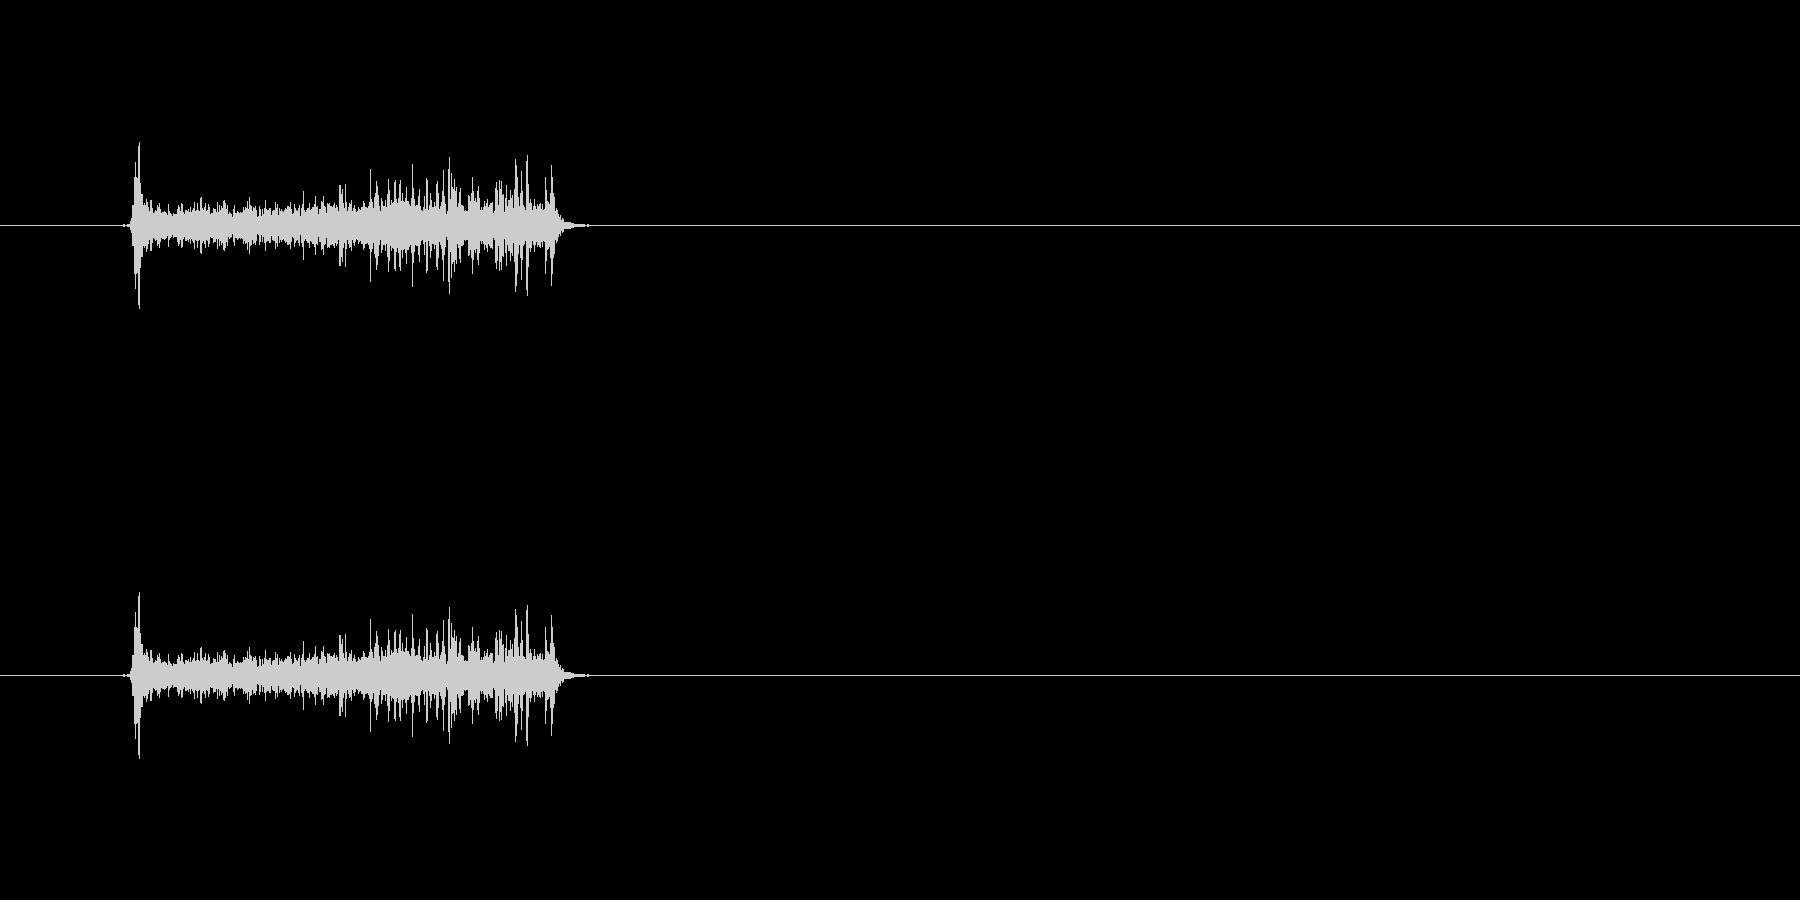 【カメラ フォーカス01-3】の未再生の波形